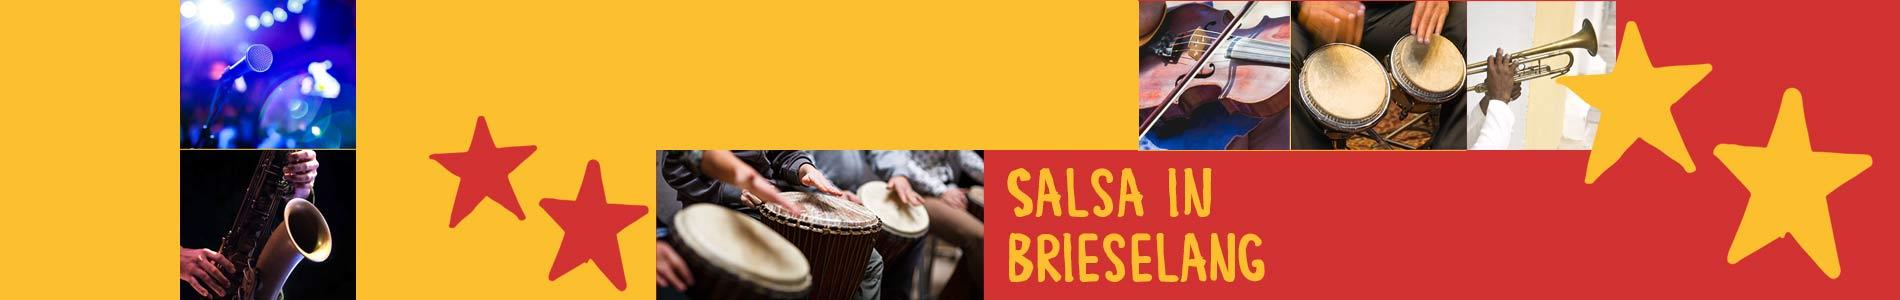 Salsa in Brieselang – Salsa lernen und tanzen, Tanzkurse, Partys, Veranstaltungen